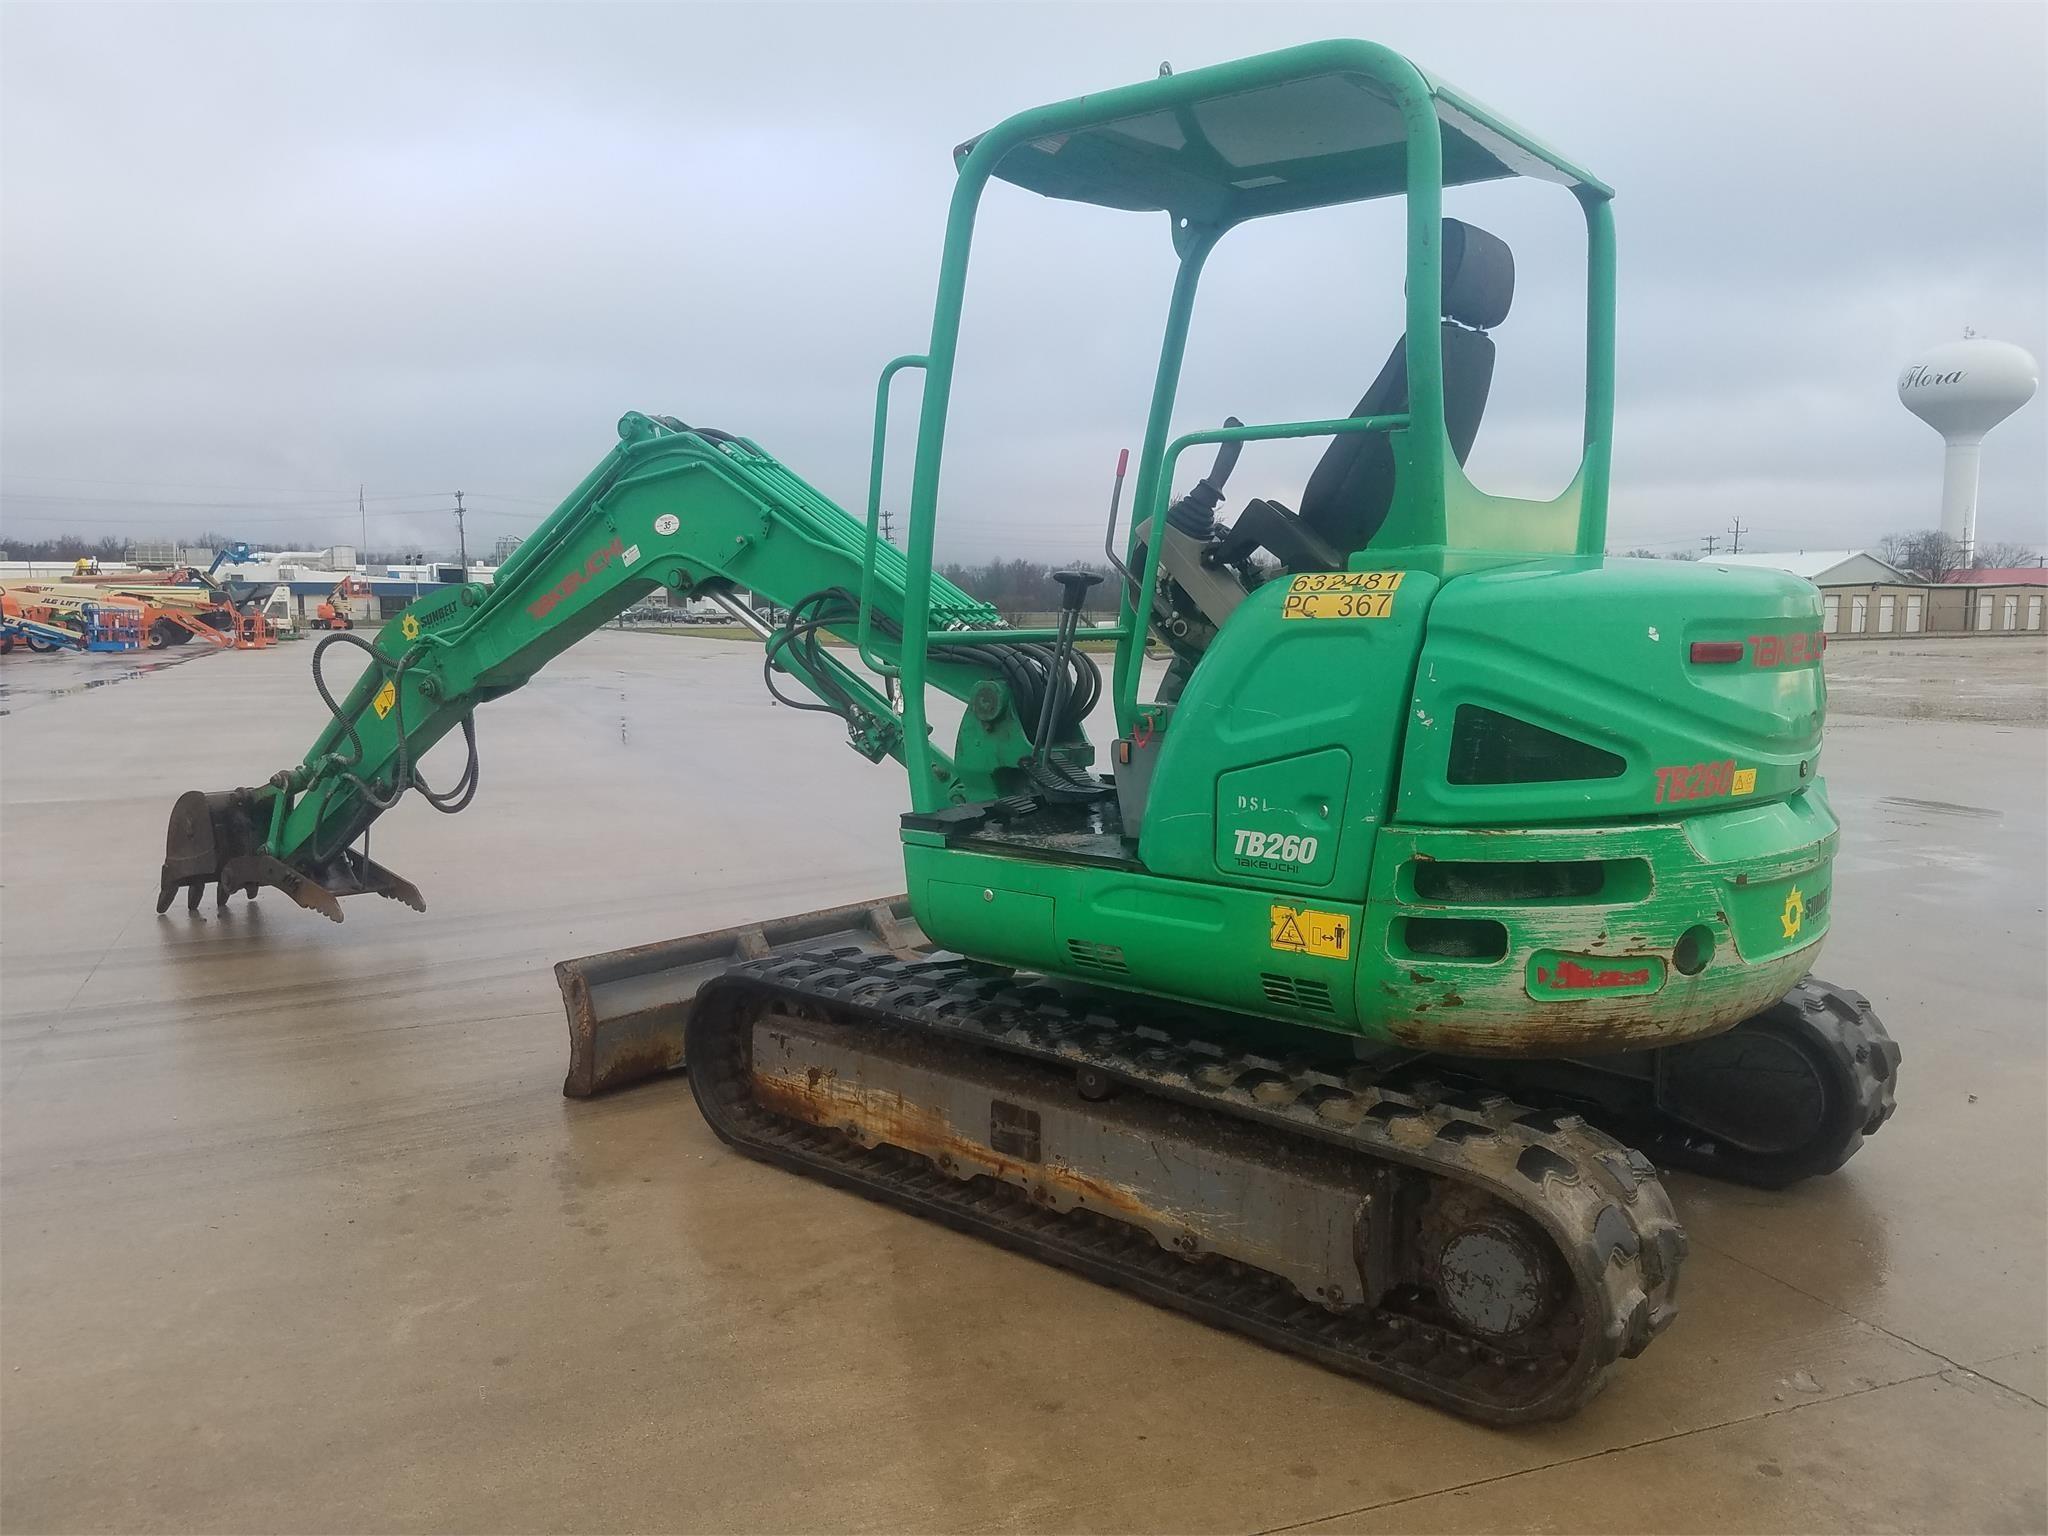 2014 Takeuchi TB260 Excavators and Mini Excavator